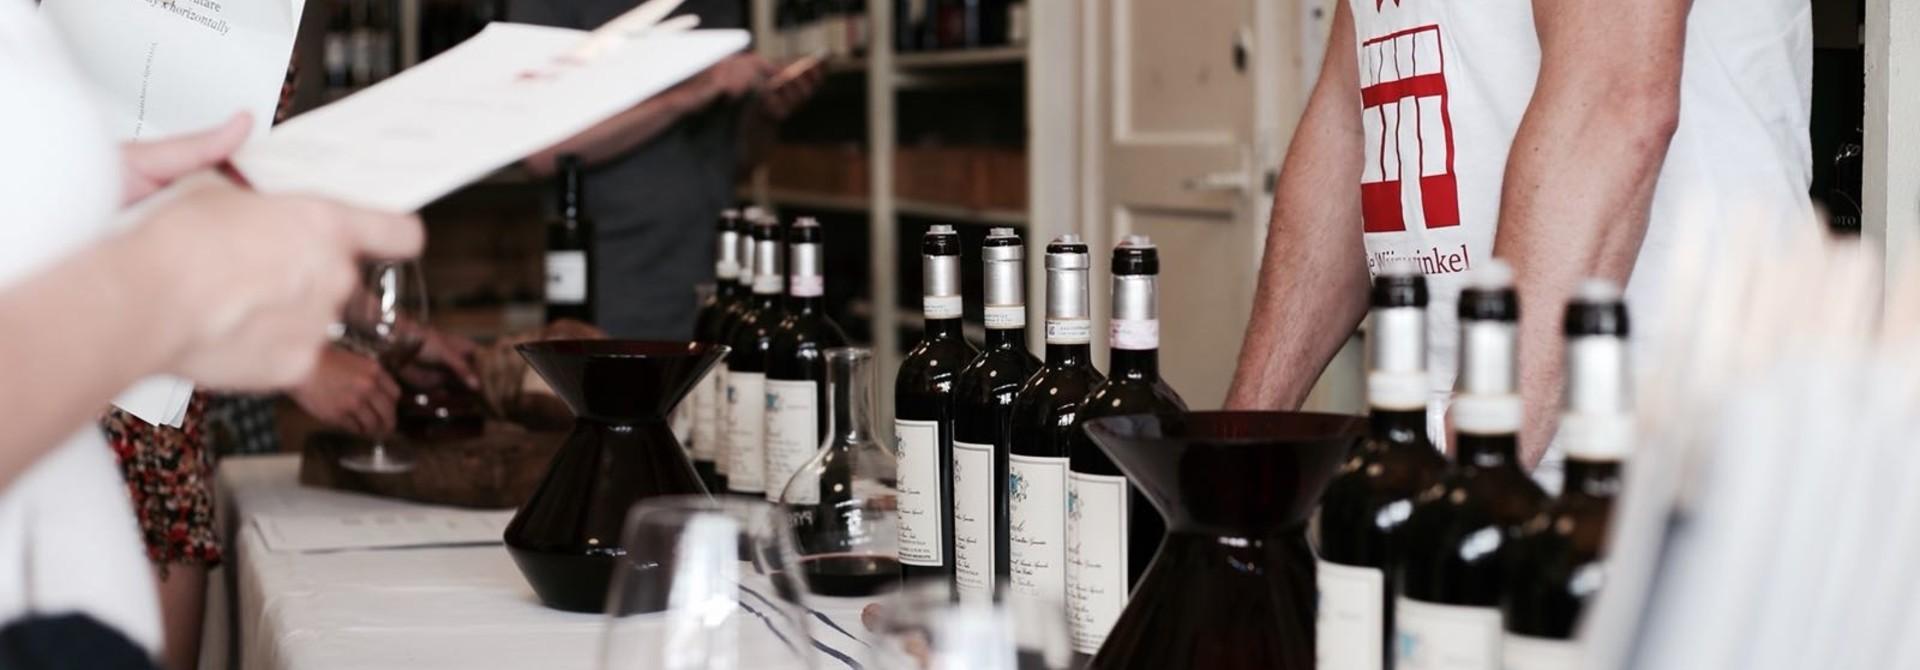 De Wijnwinkel's Agenda